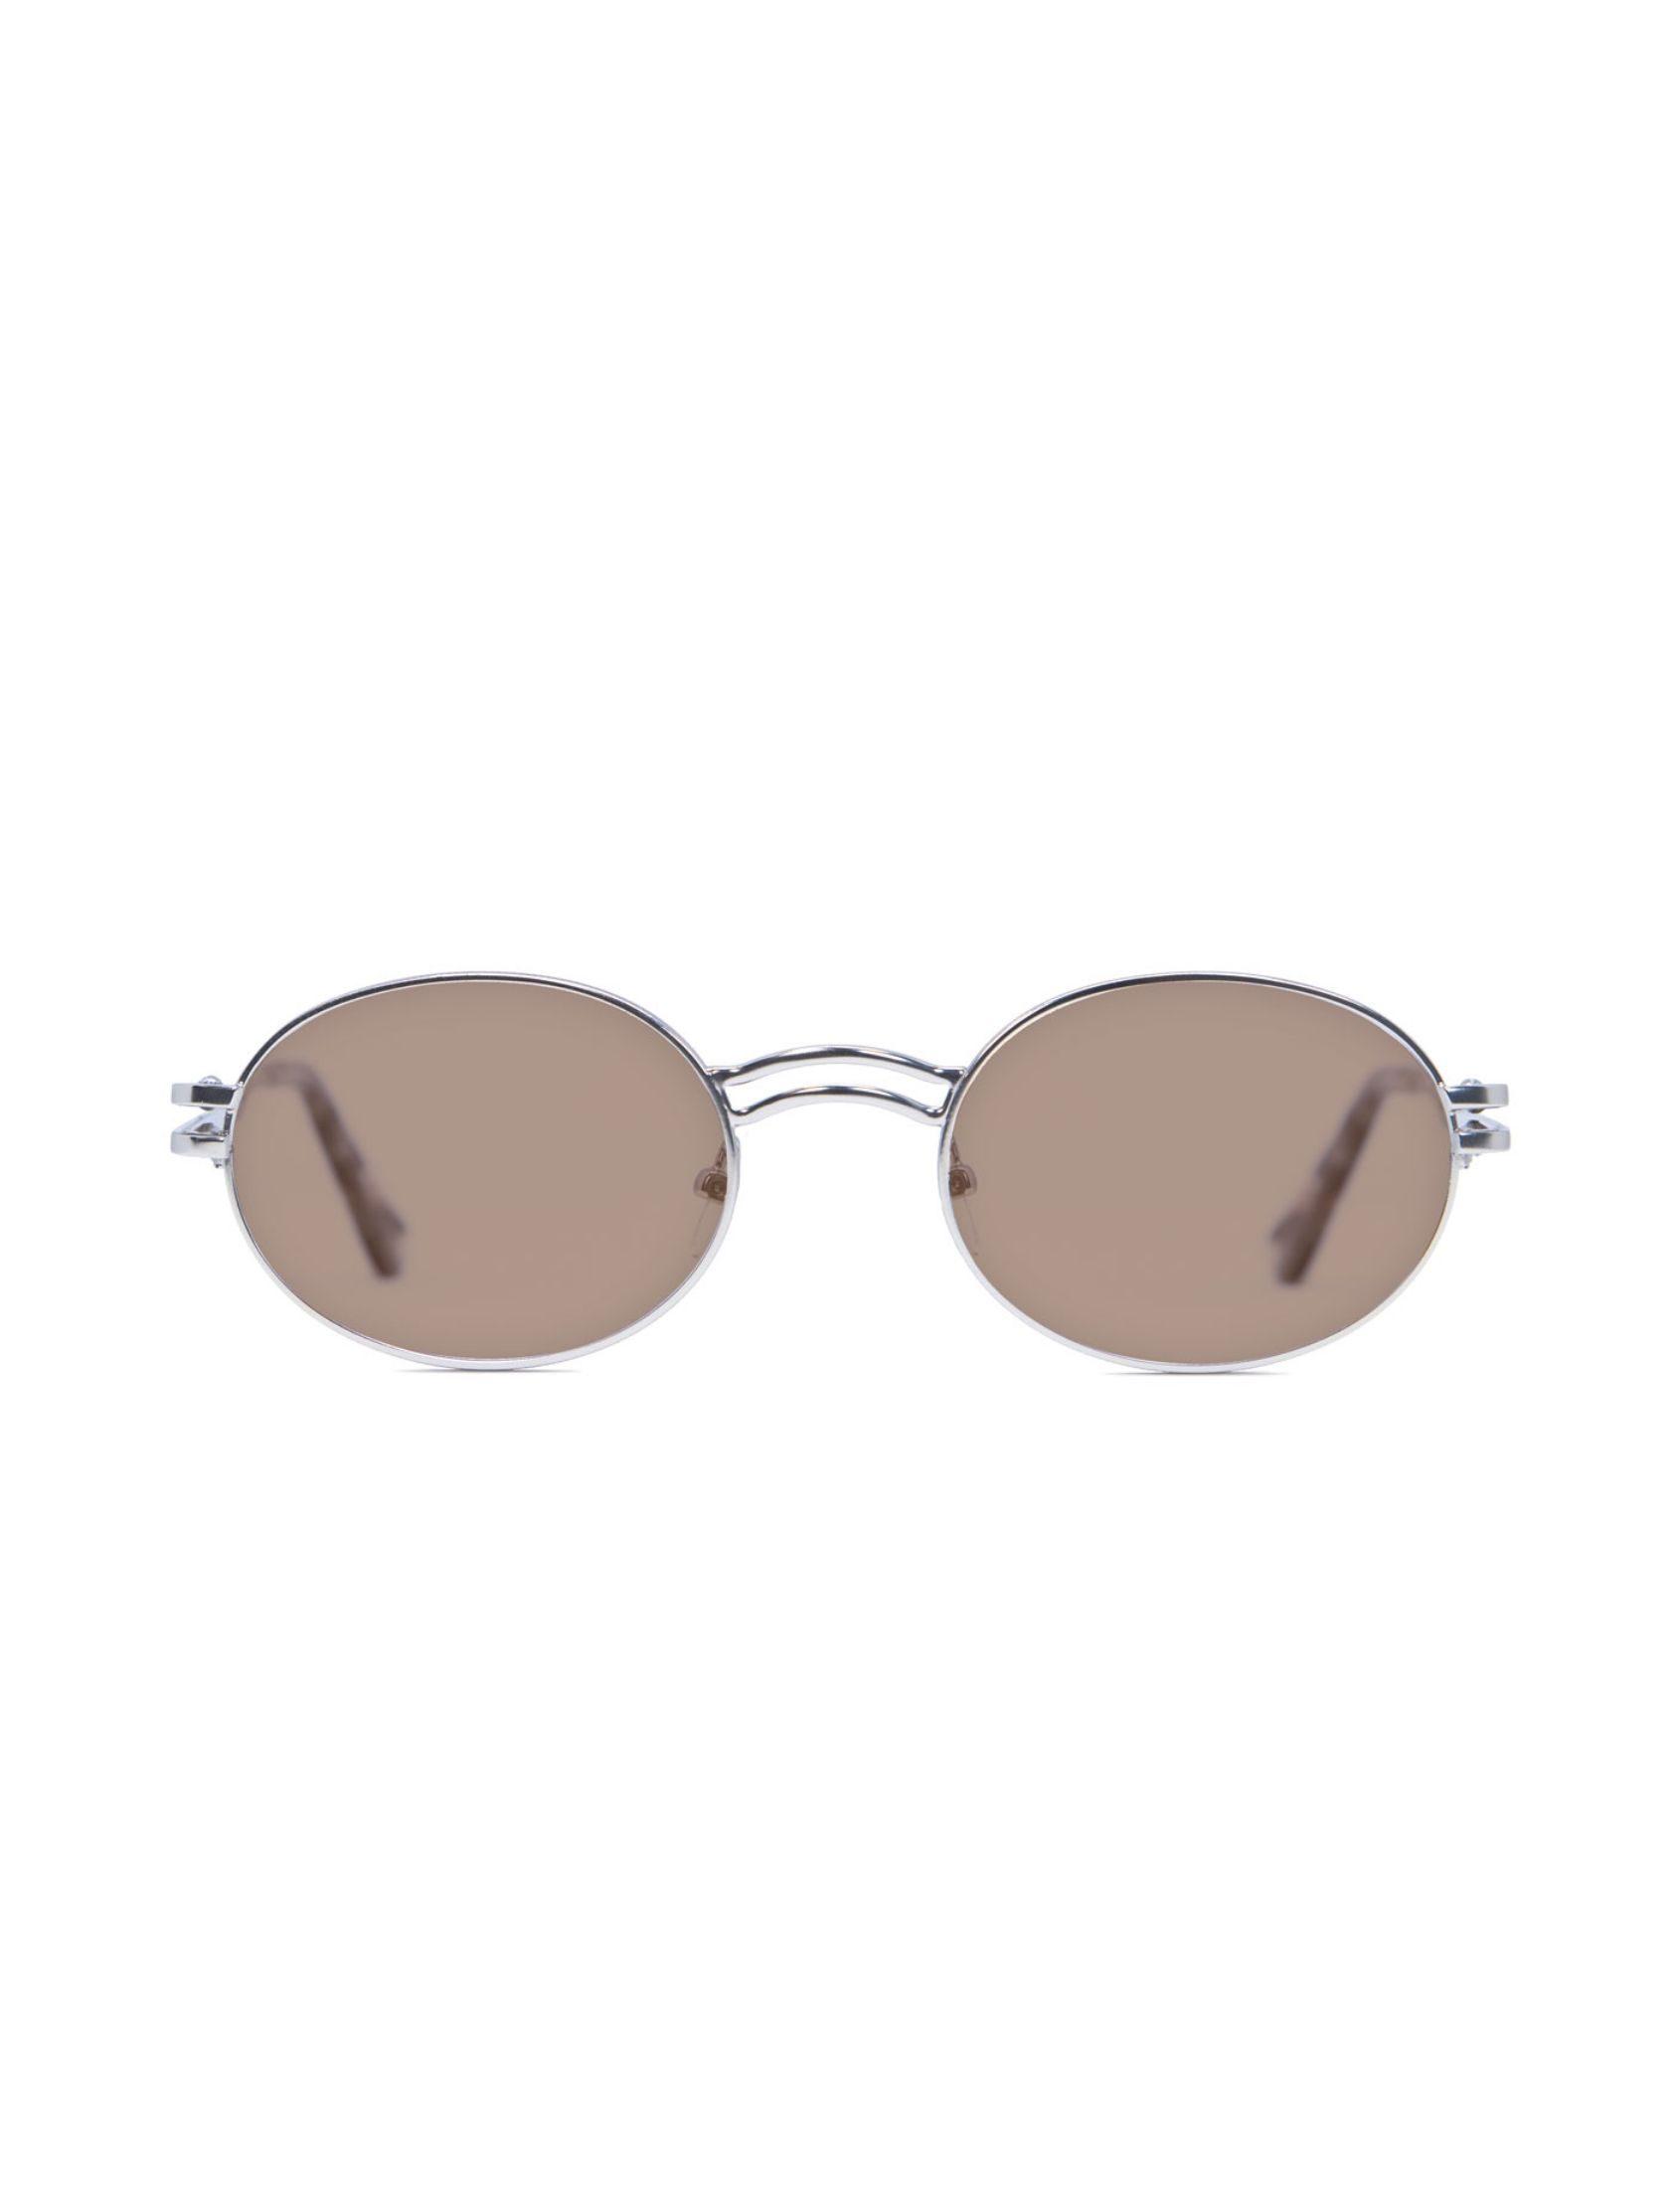 gafa de sol unisex kamy con montura plata y lente marrón